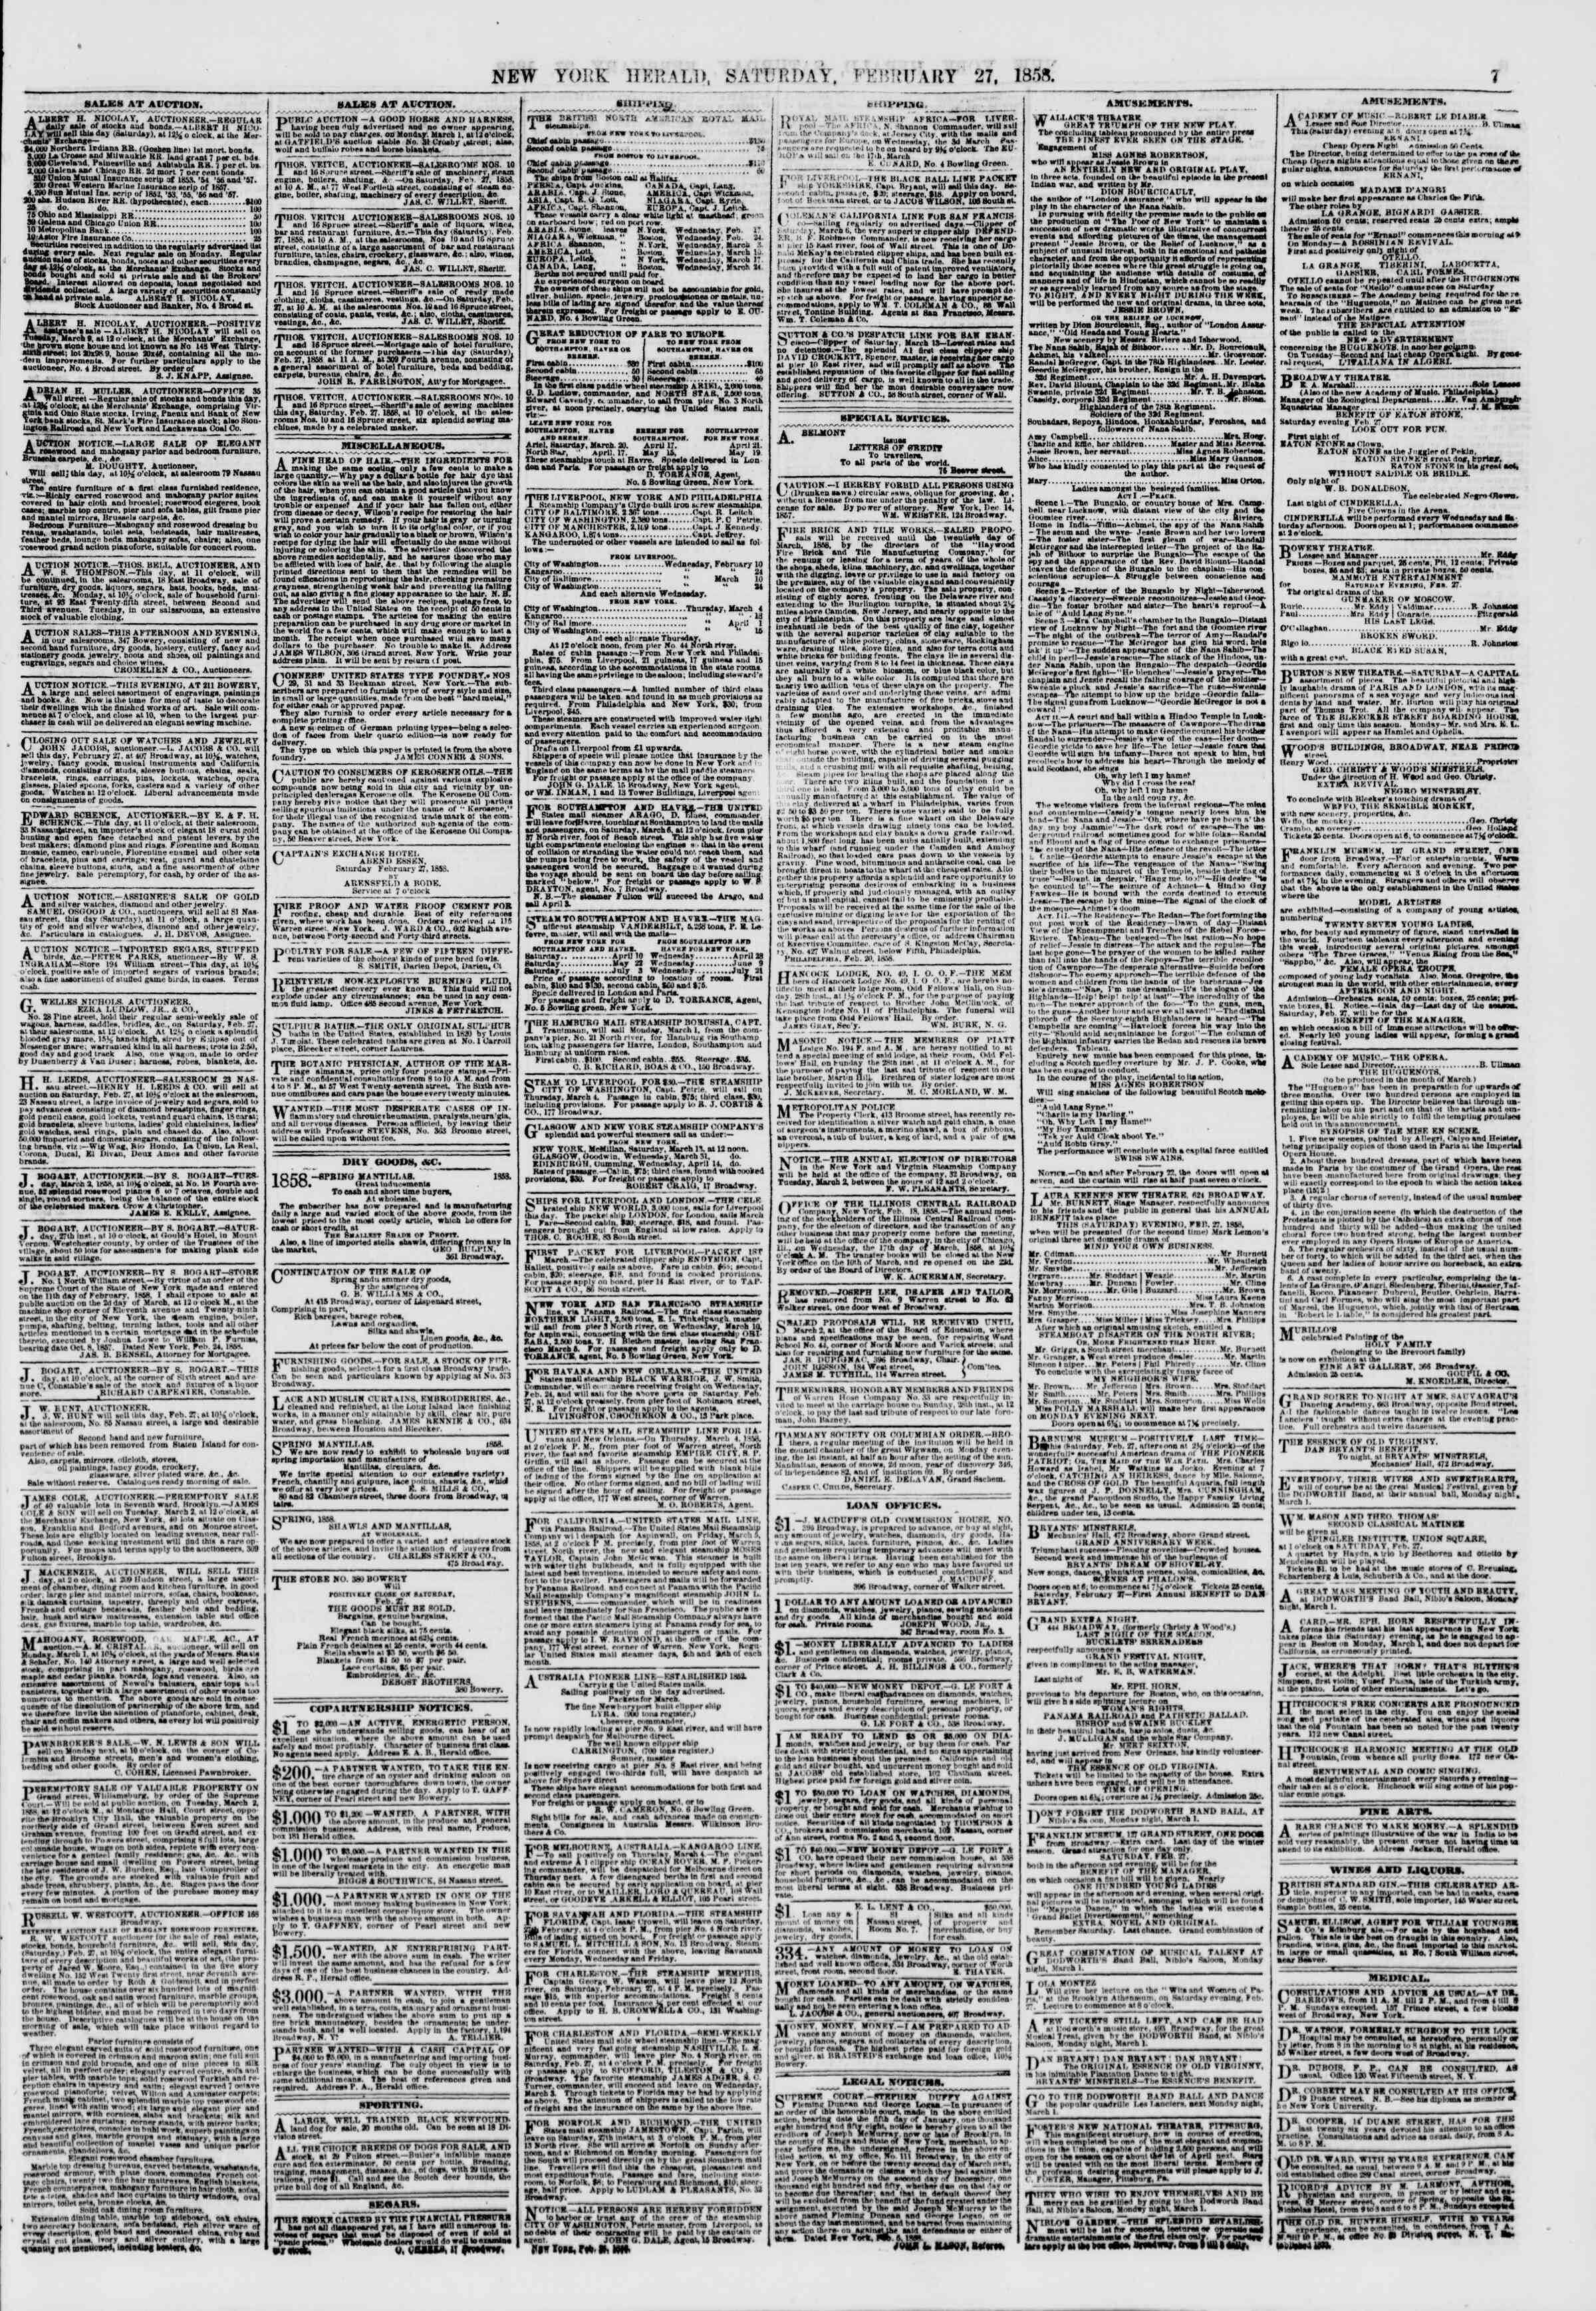 27 Şubat 1858 tarihli The New York Herald Gazetesi Sayfa 7